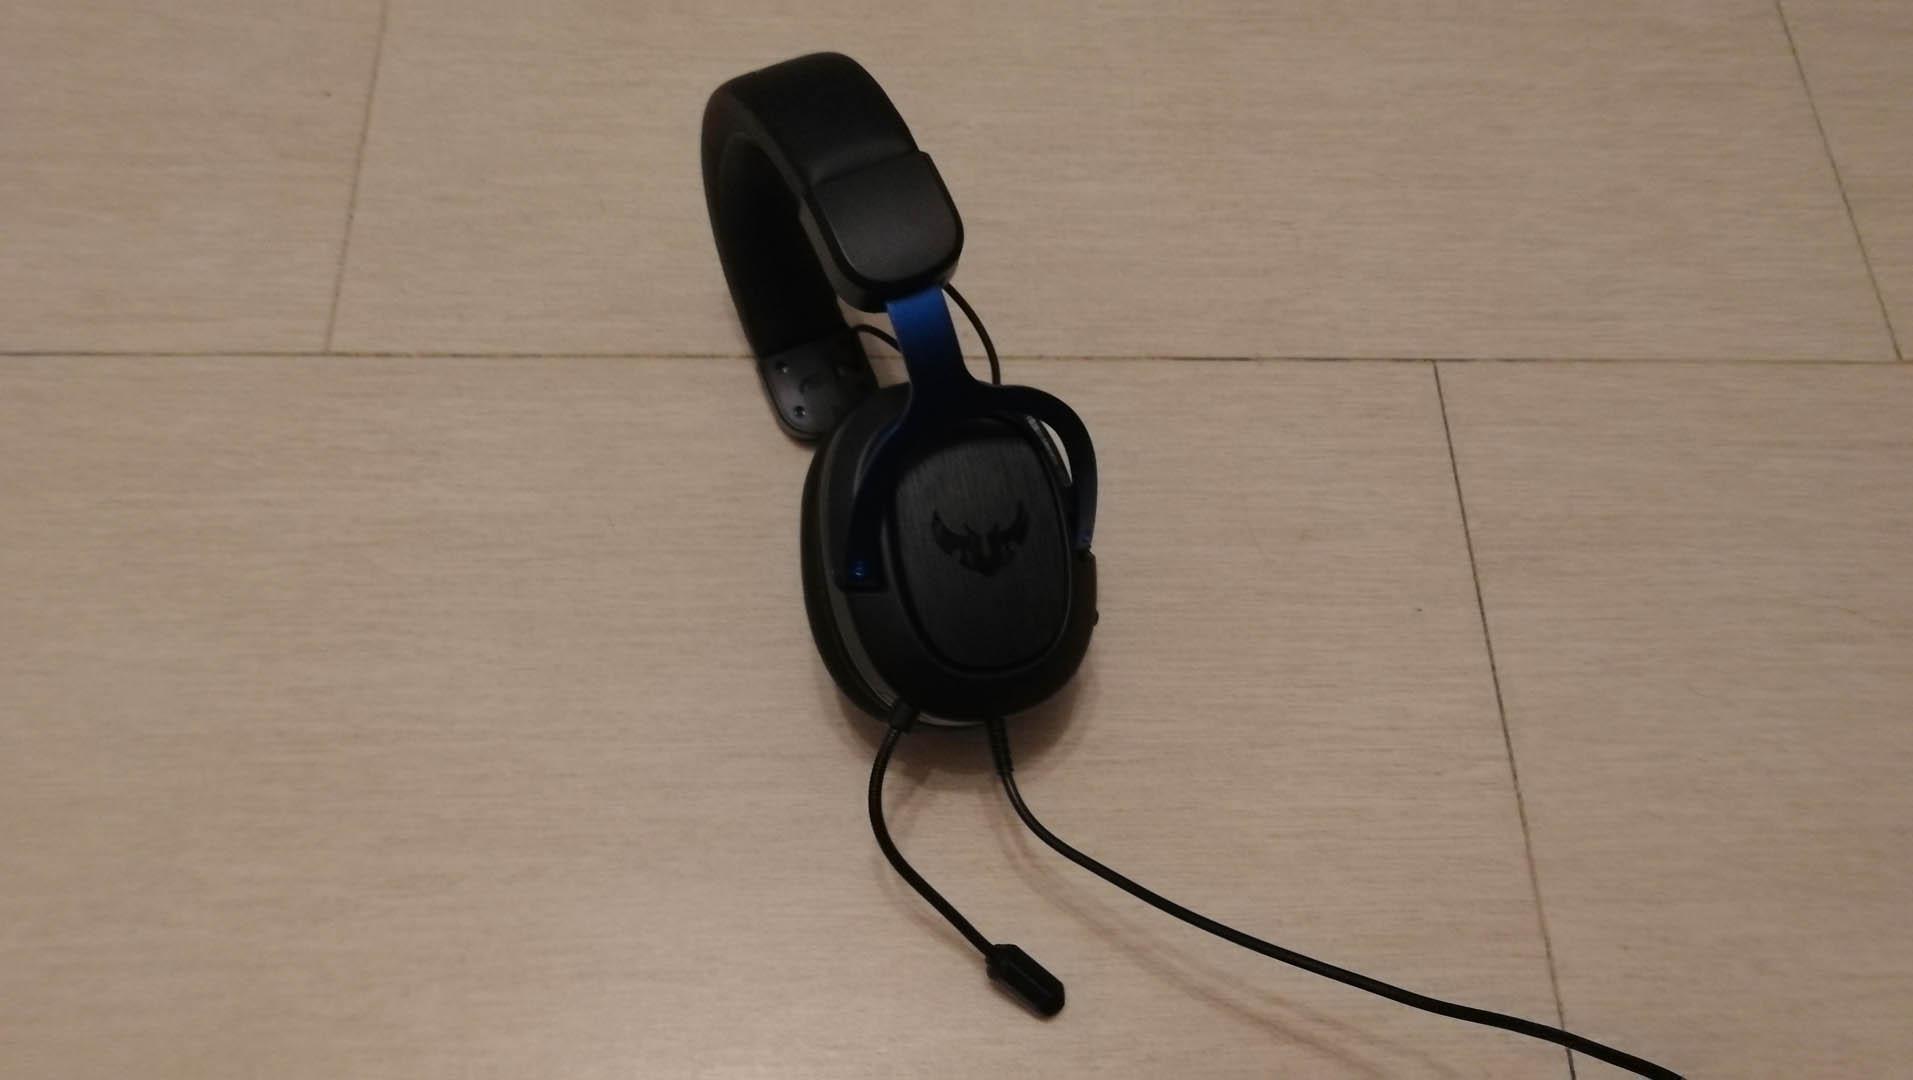 Recensione Asus TUF Gaming H3: bassi potenti e audio virtuale a 7.1 canali 4